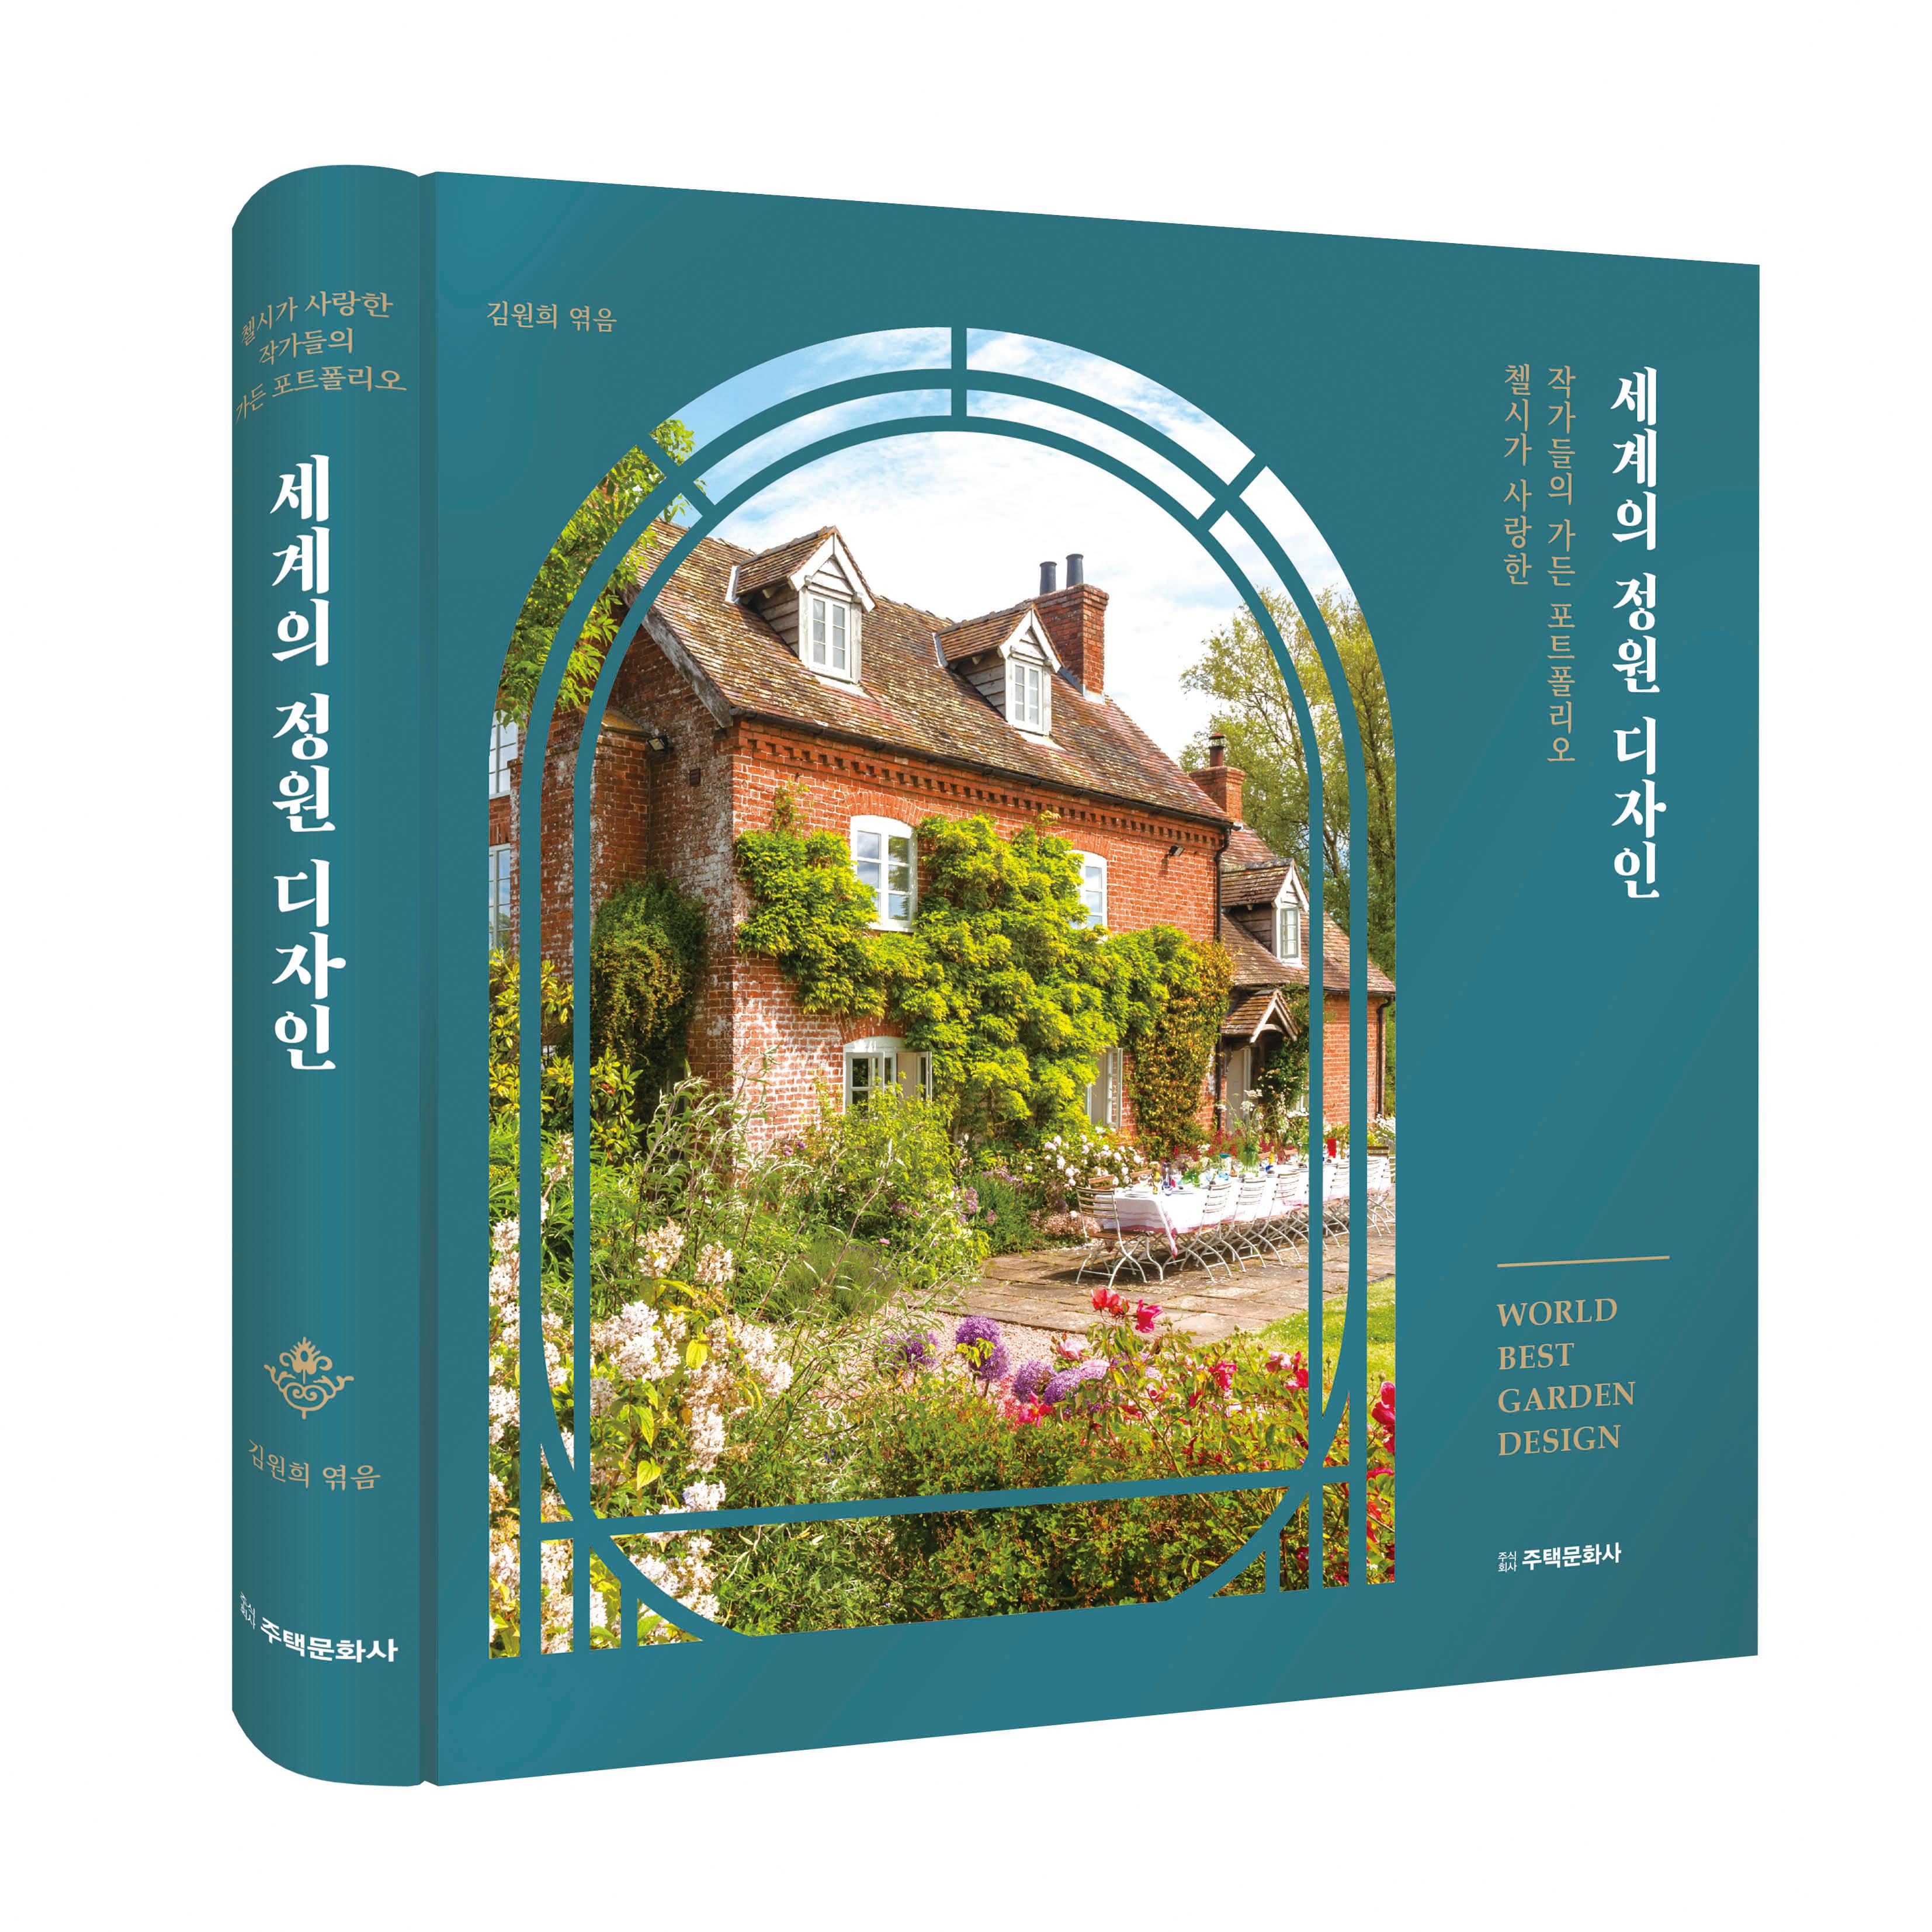 6월의 세미나 개최_세계의 정원 디자인 / 상가주택 건축주 바이블